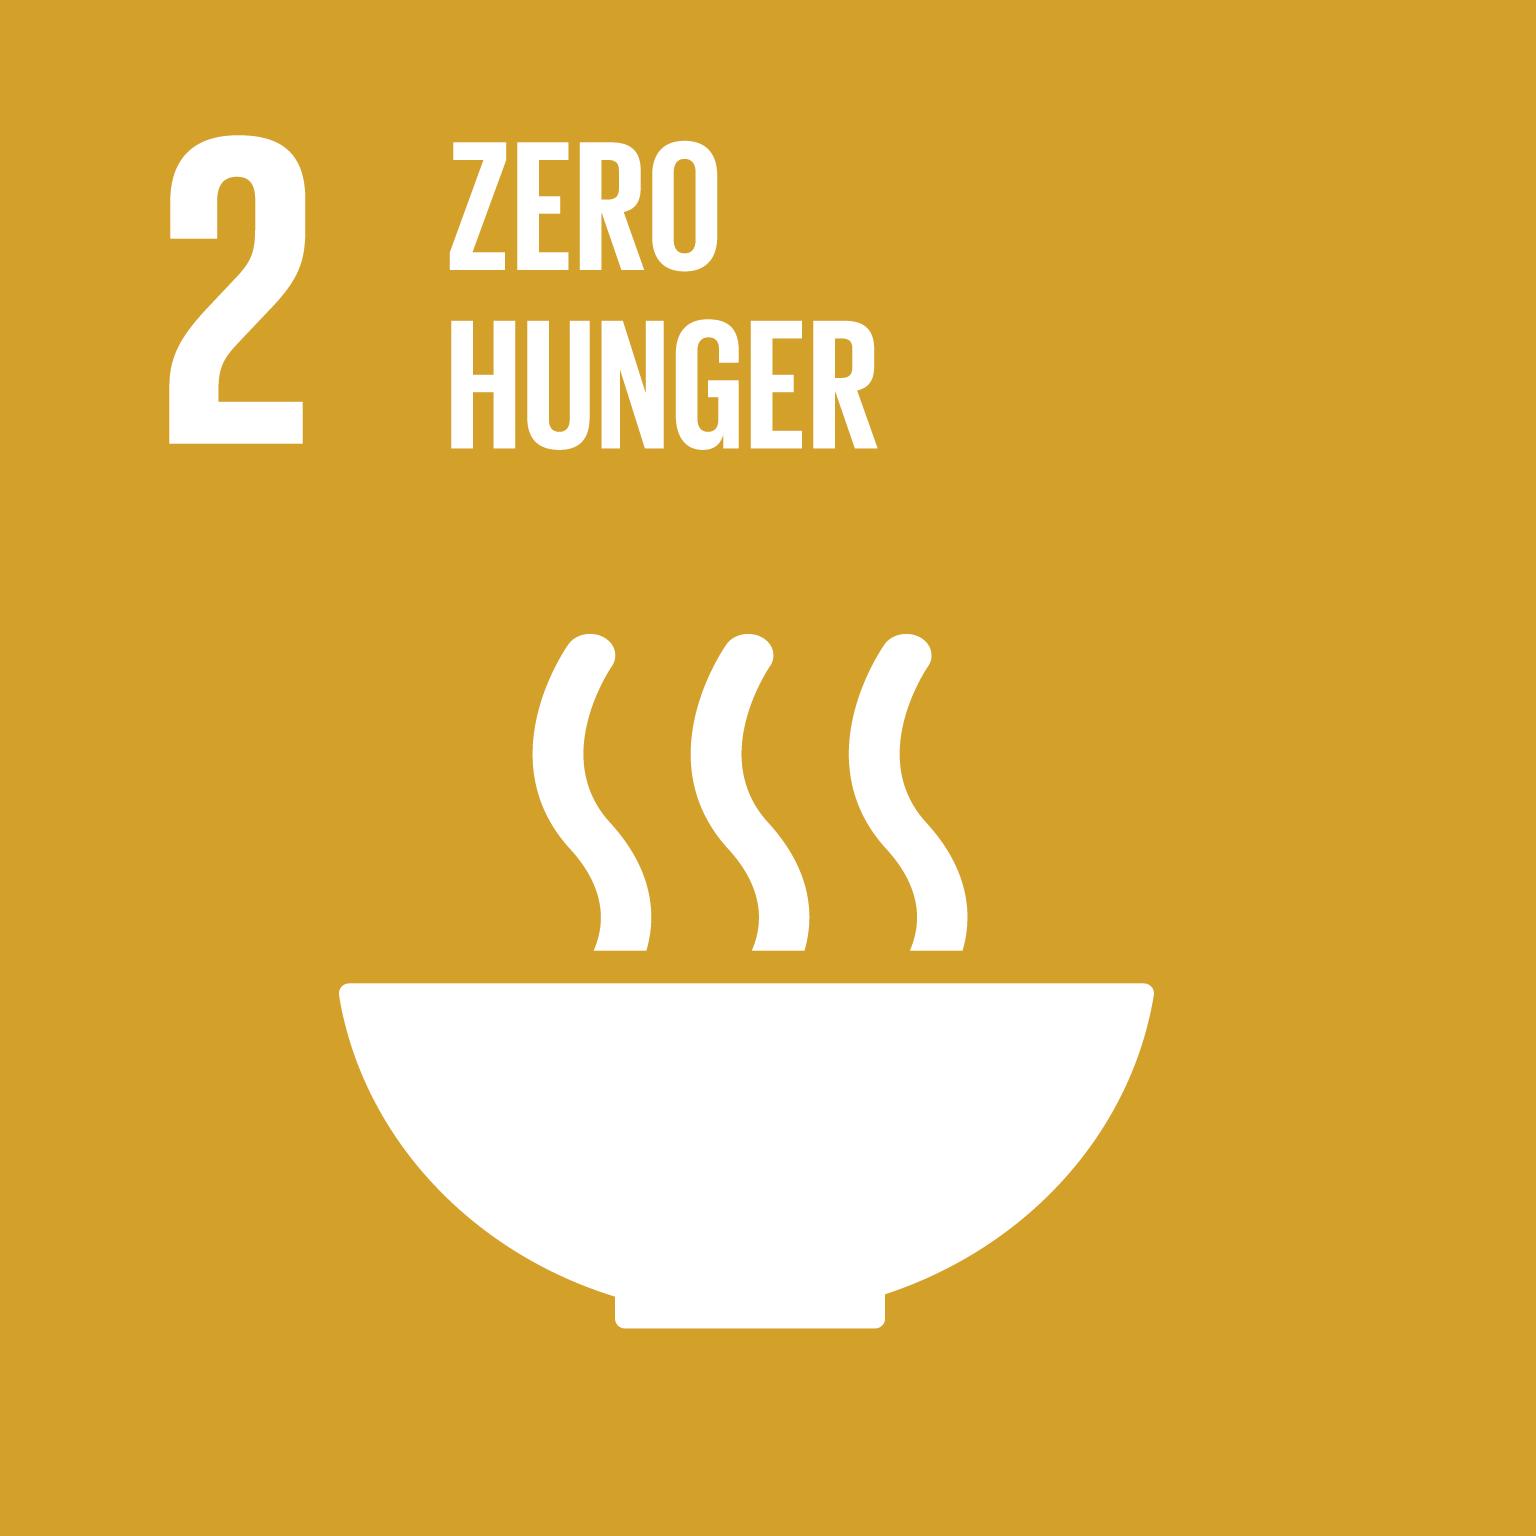 SDG Goal #2 Zero Hunger